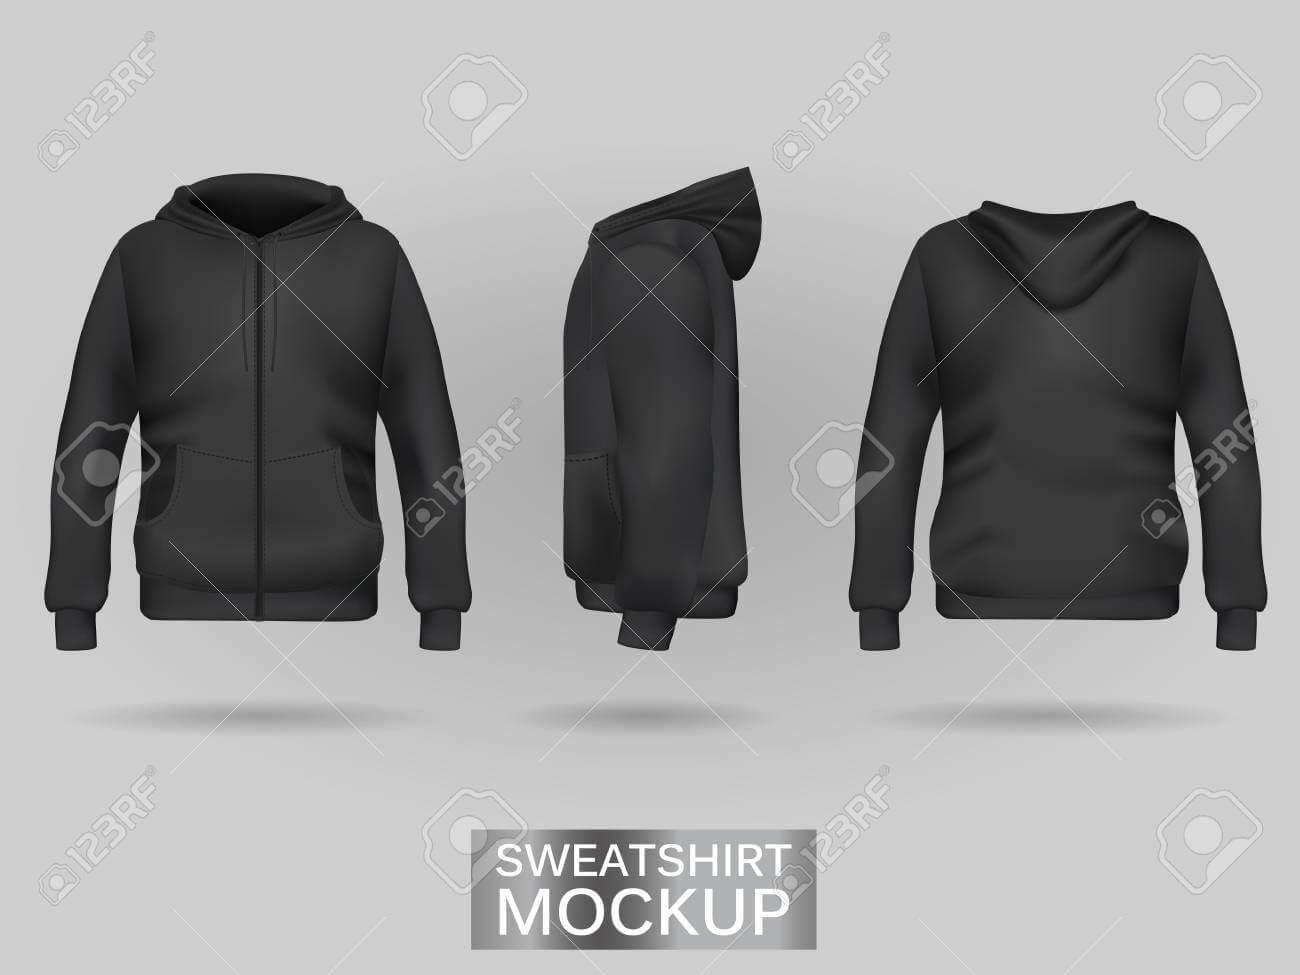 Black Sweatshirt Hoodie Template In Three Dimensions: Front,.. Within Blank Black Hoodie Template